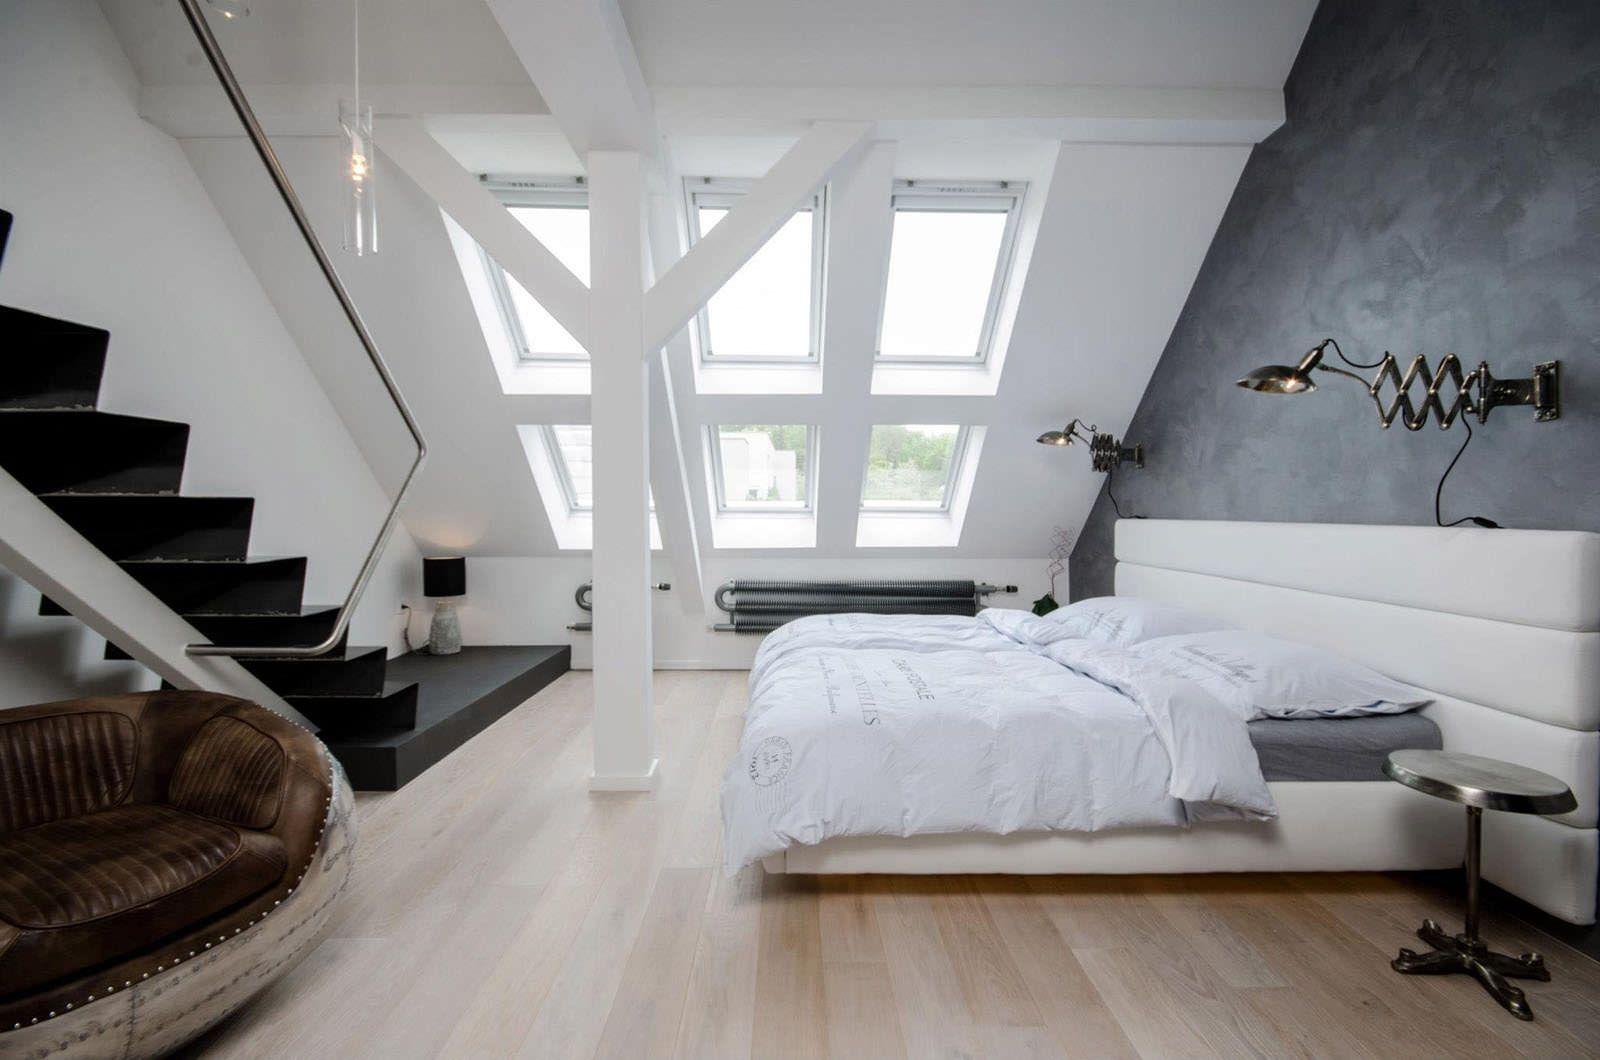 Une chambre douillette sous les combles avec poutres apparentes ...